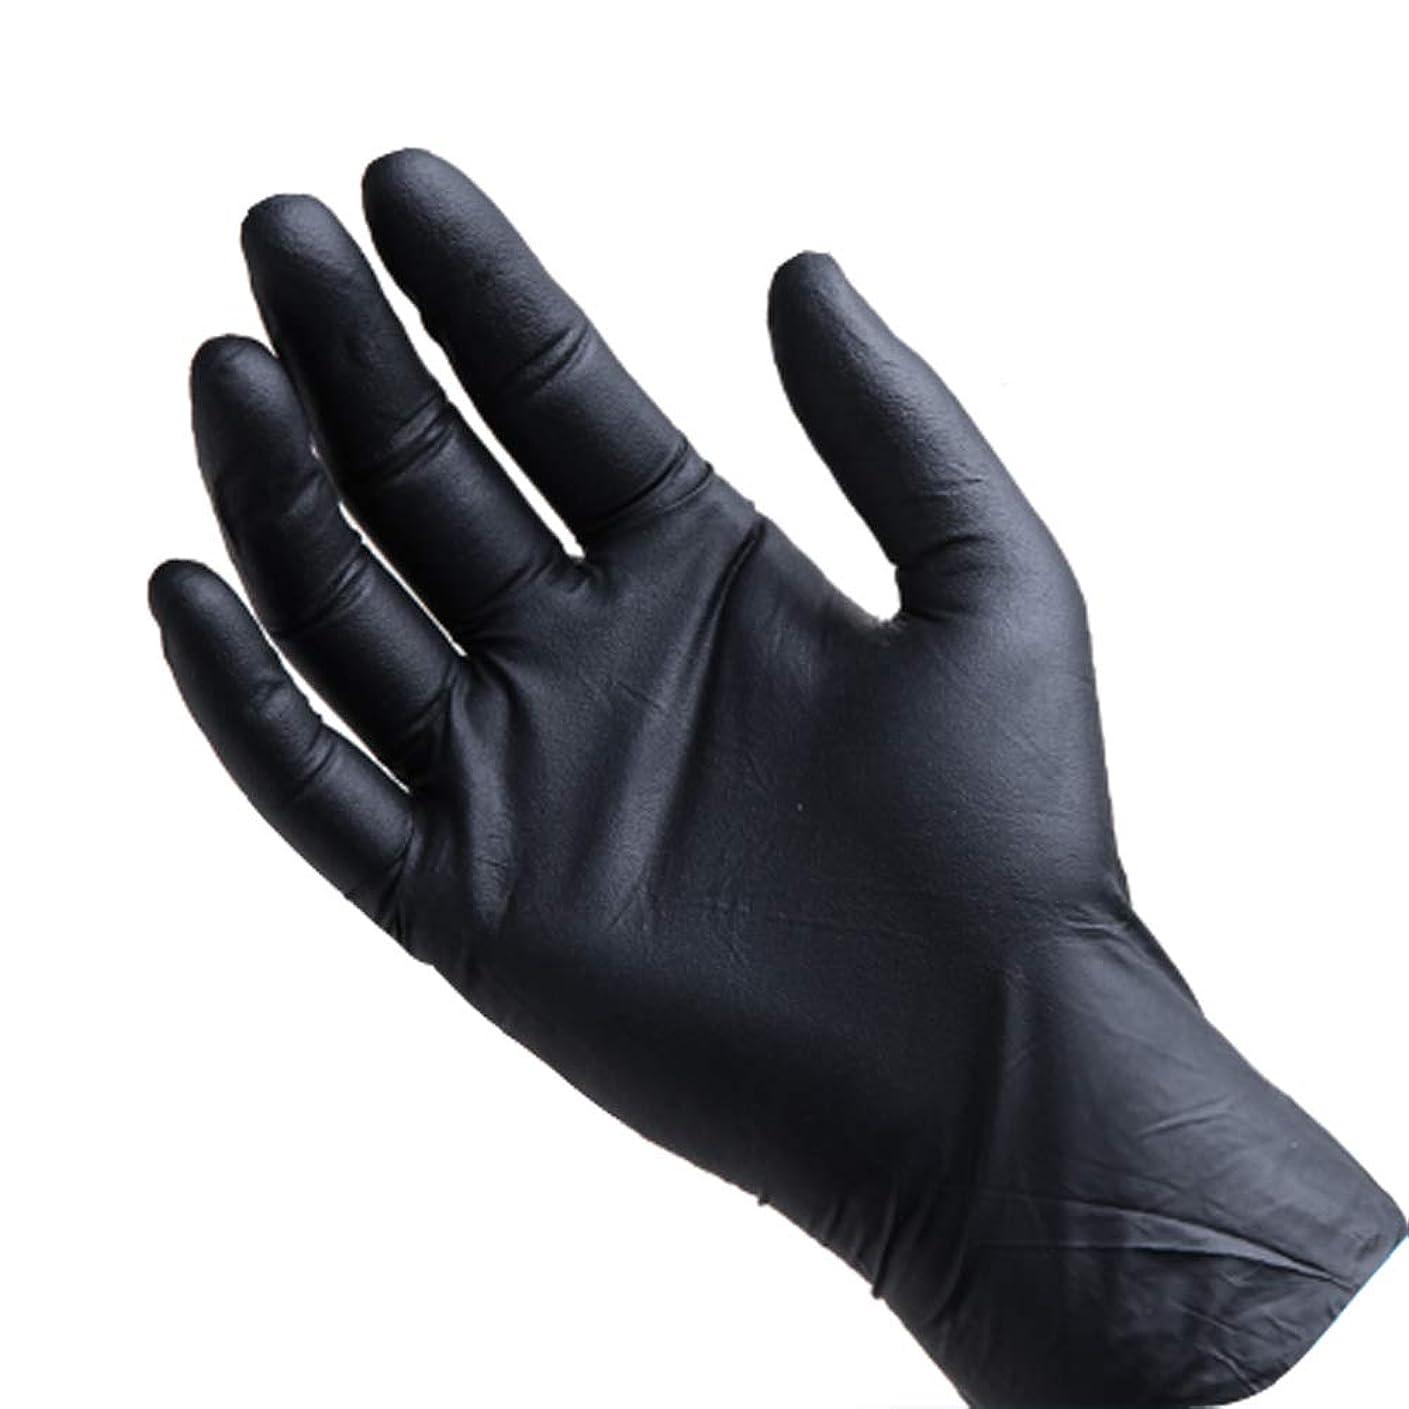 攻撃的豊富に慣らす使い捨てゴム手袋、ブラック(M / 100個)